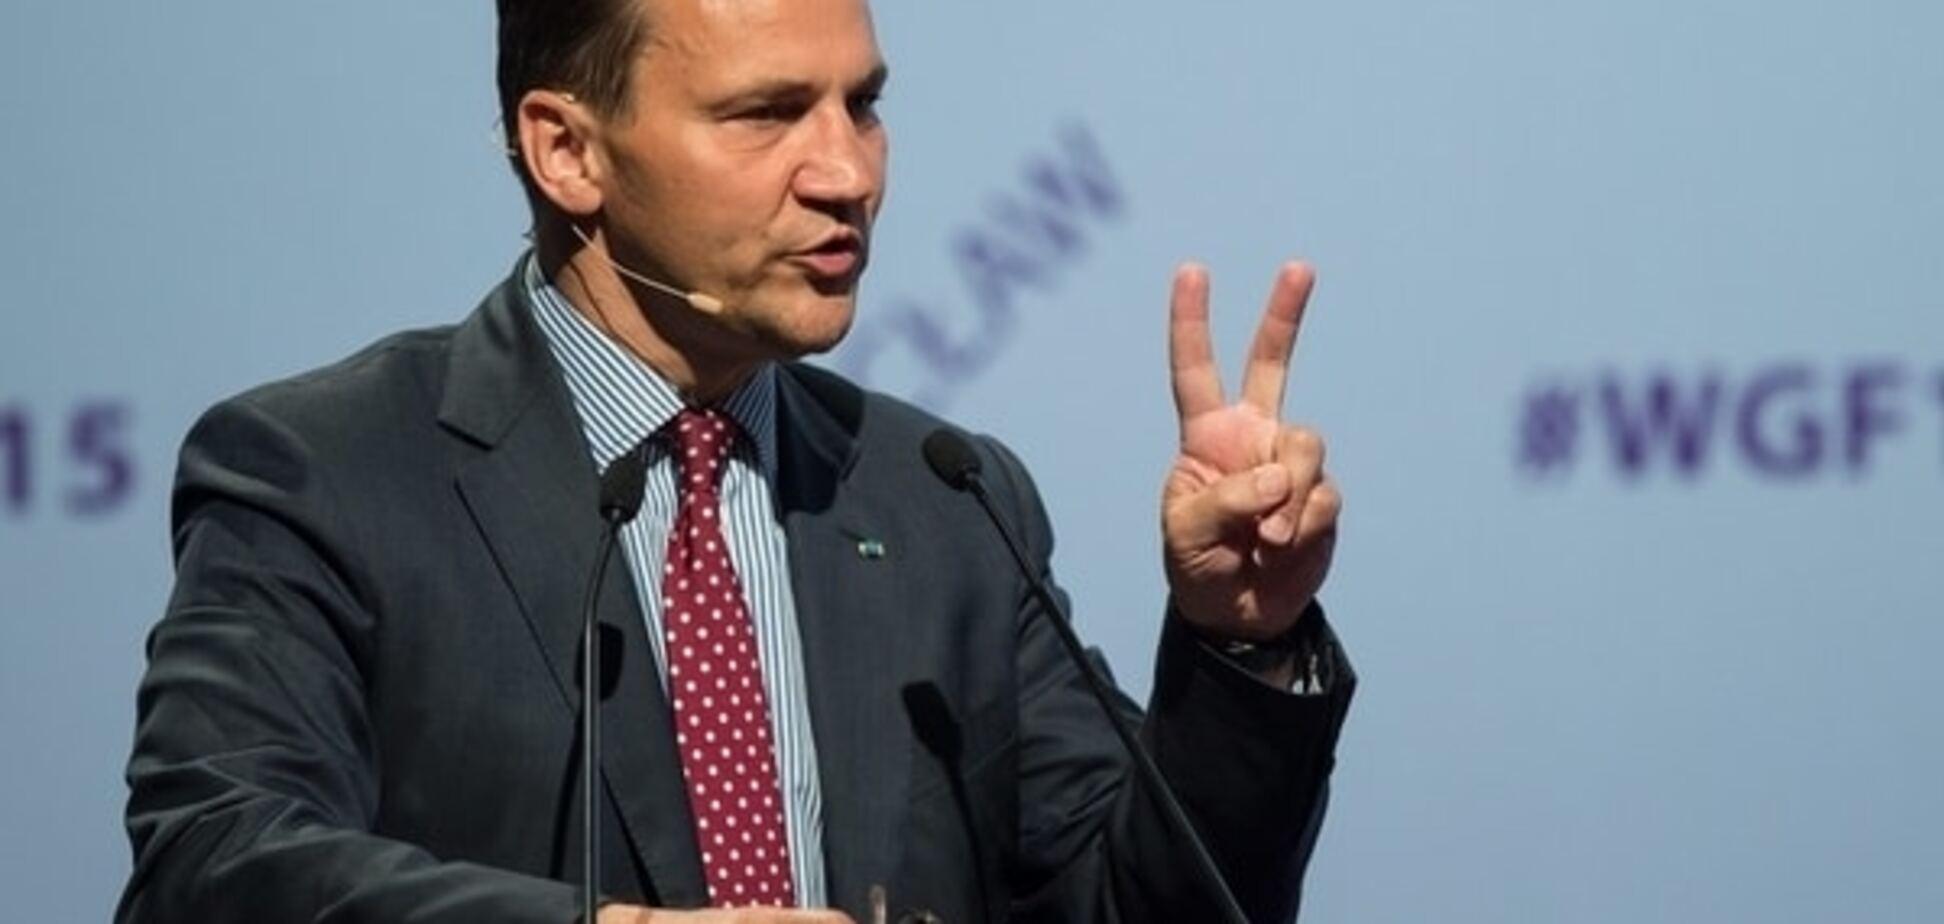 Сикорский похвалил власти Украины за повышение тарифов на газ